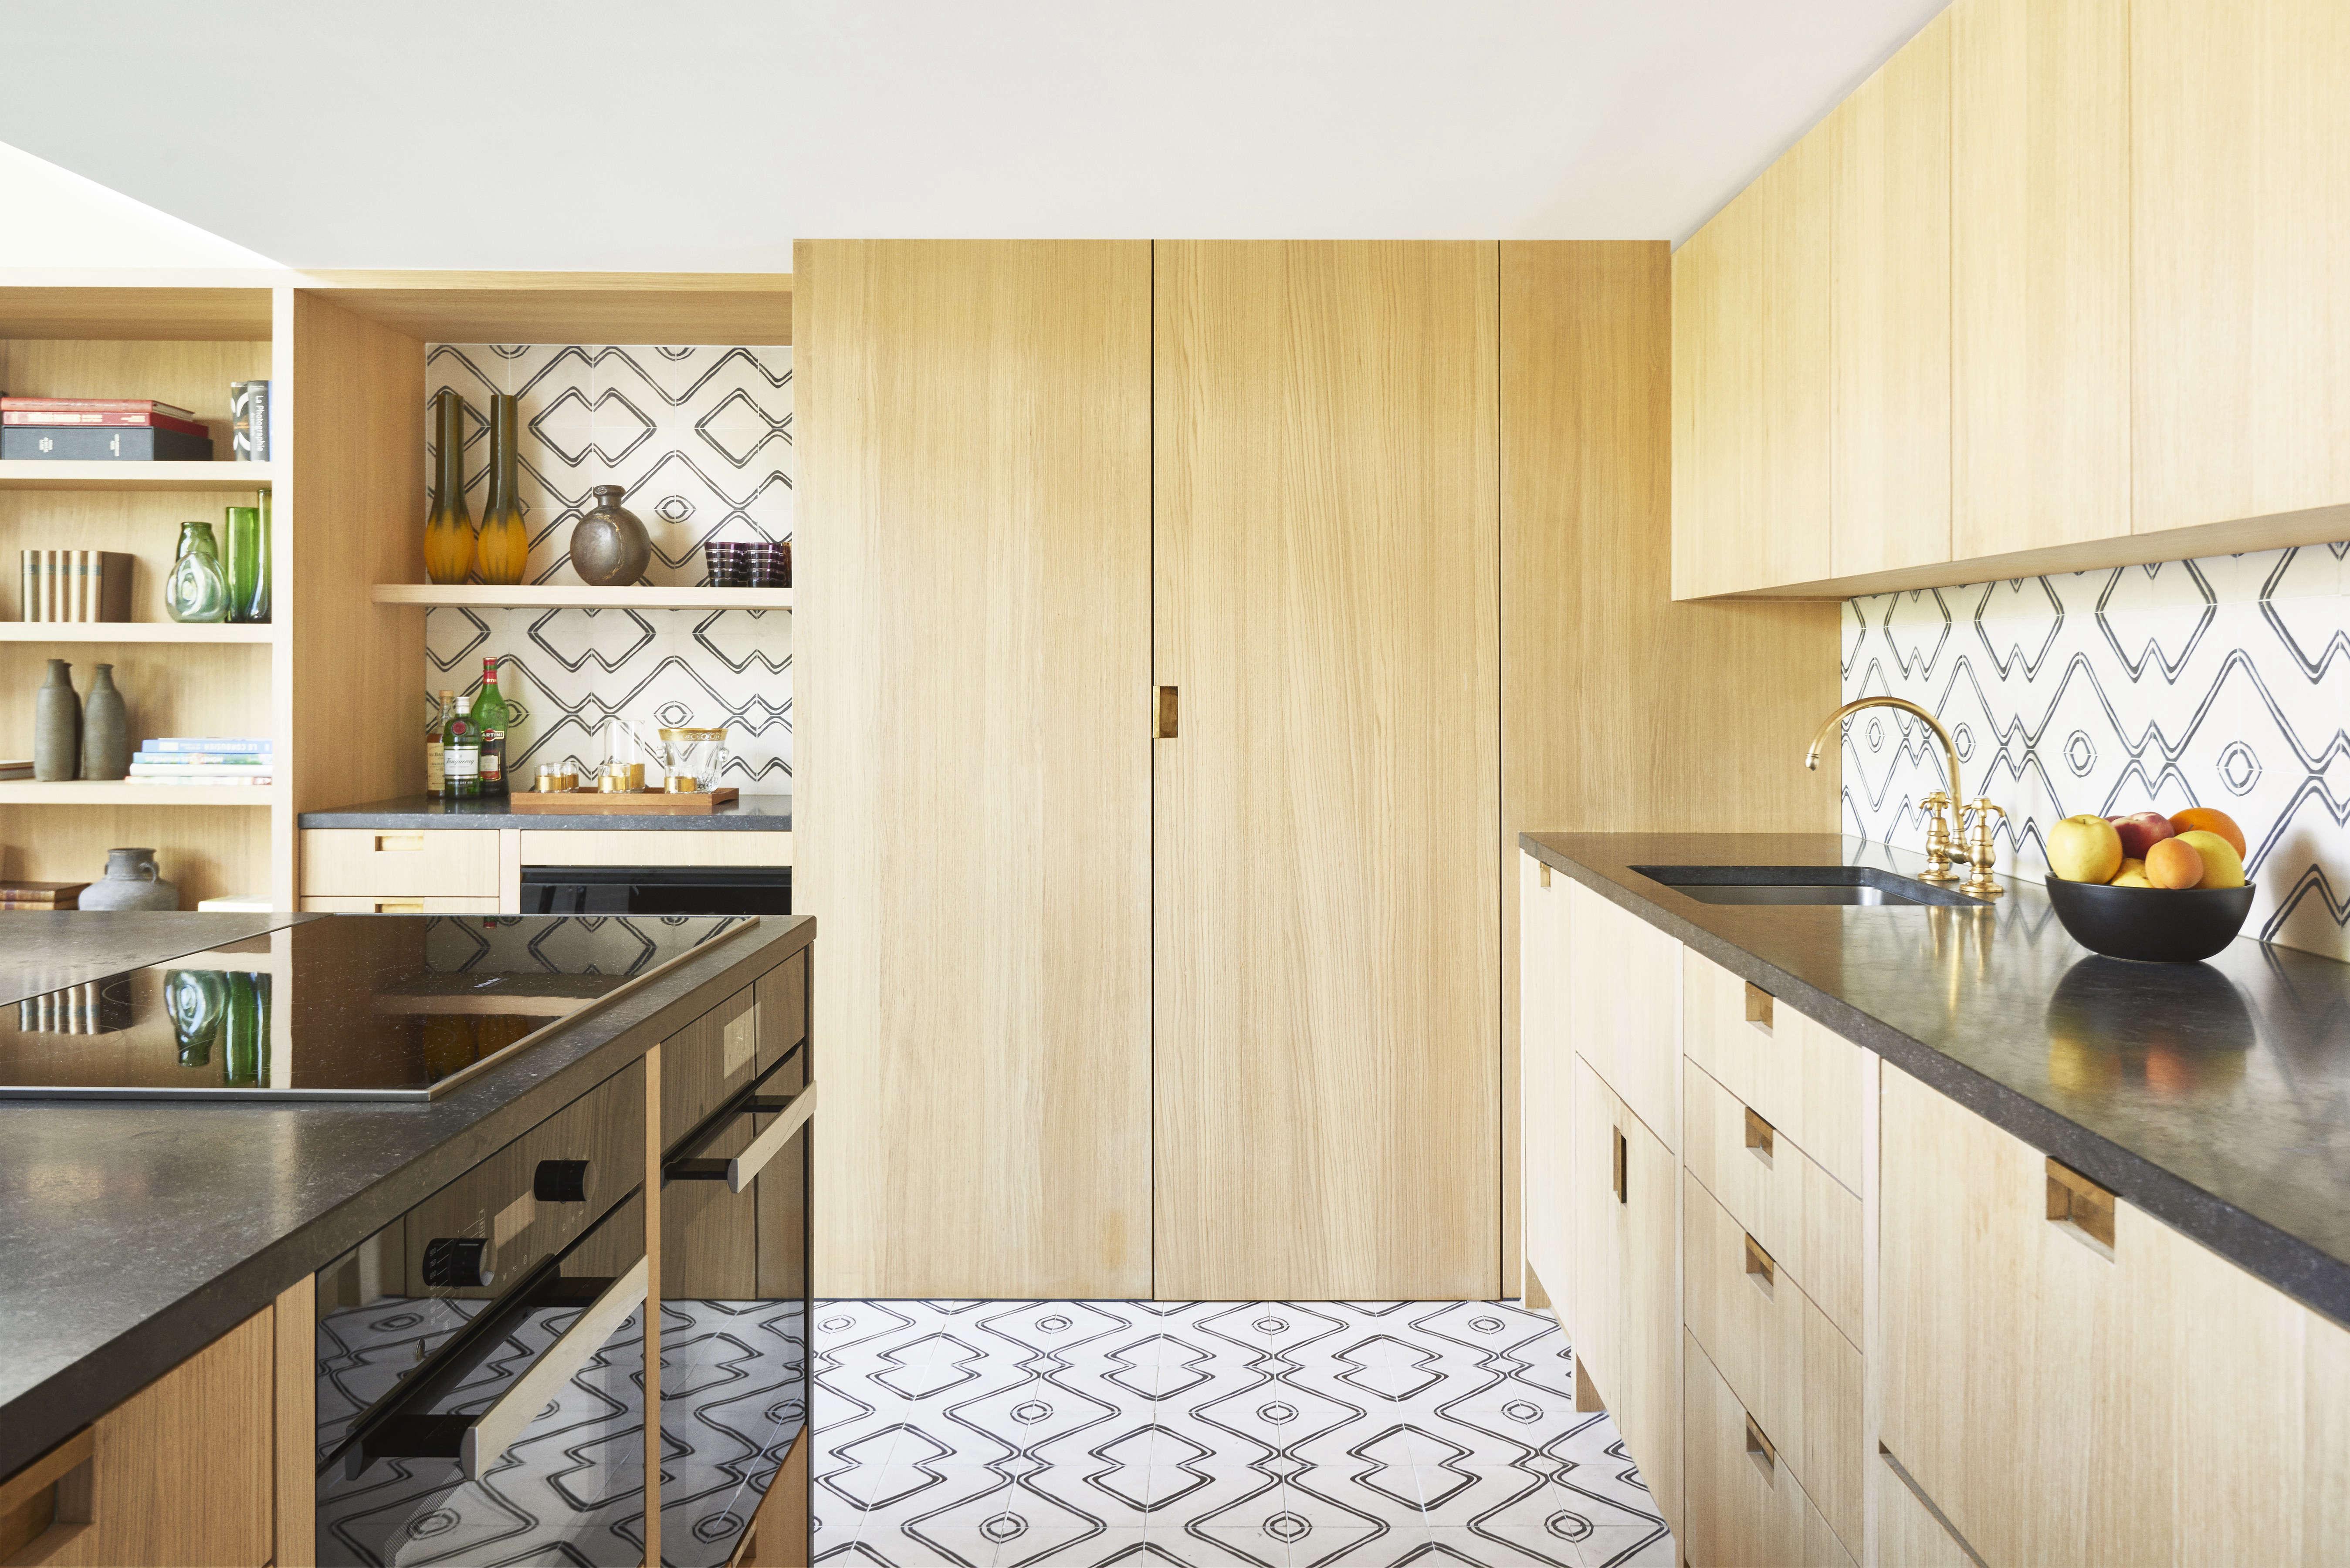 Outstanding Michael Alan Designs Wall Decor Crest - Wall Art Ideas ...